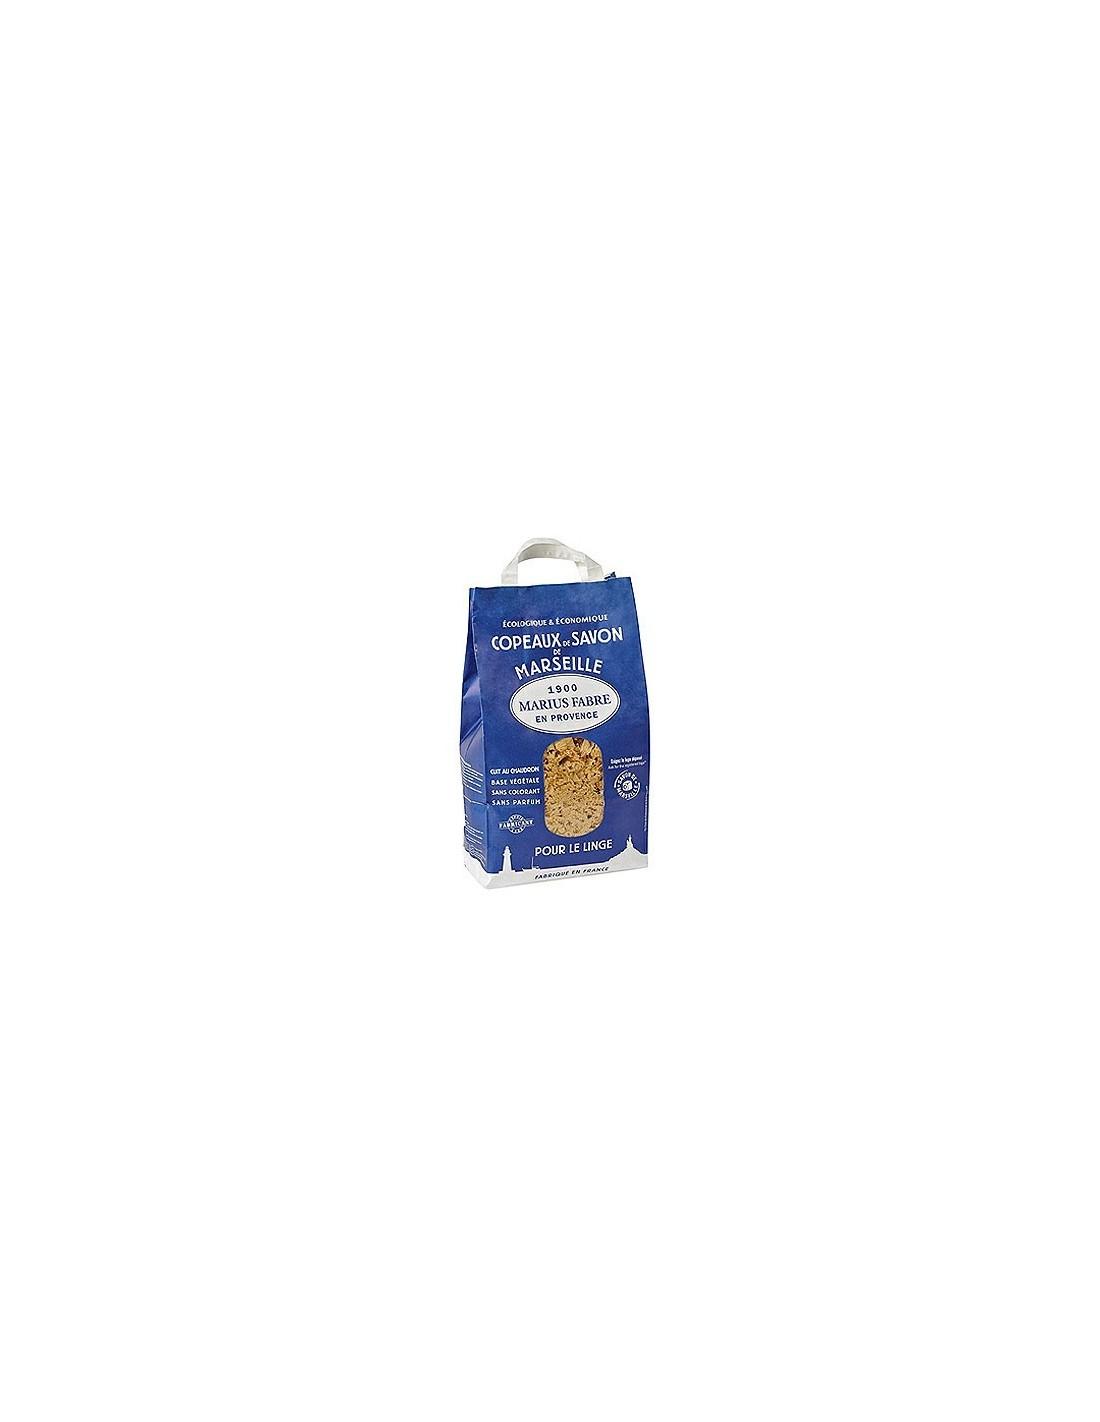 Copeaux de savon de marseille lavoir marius fabre 980 g - Copeaux de savon de marseille ...